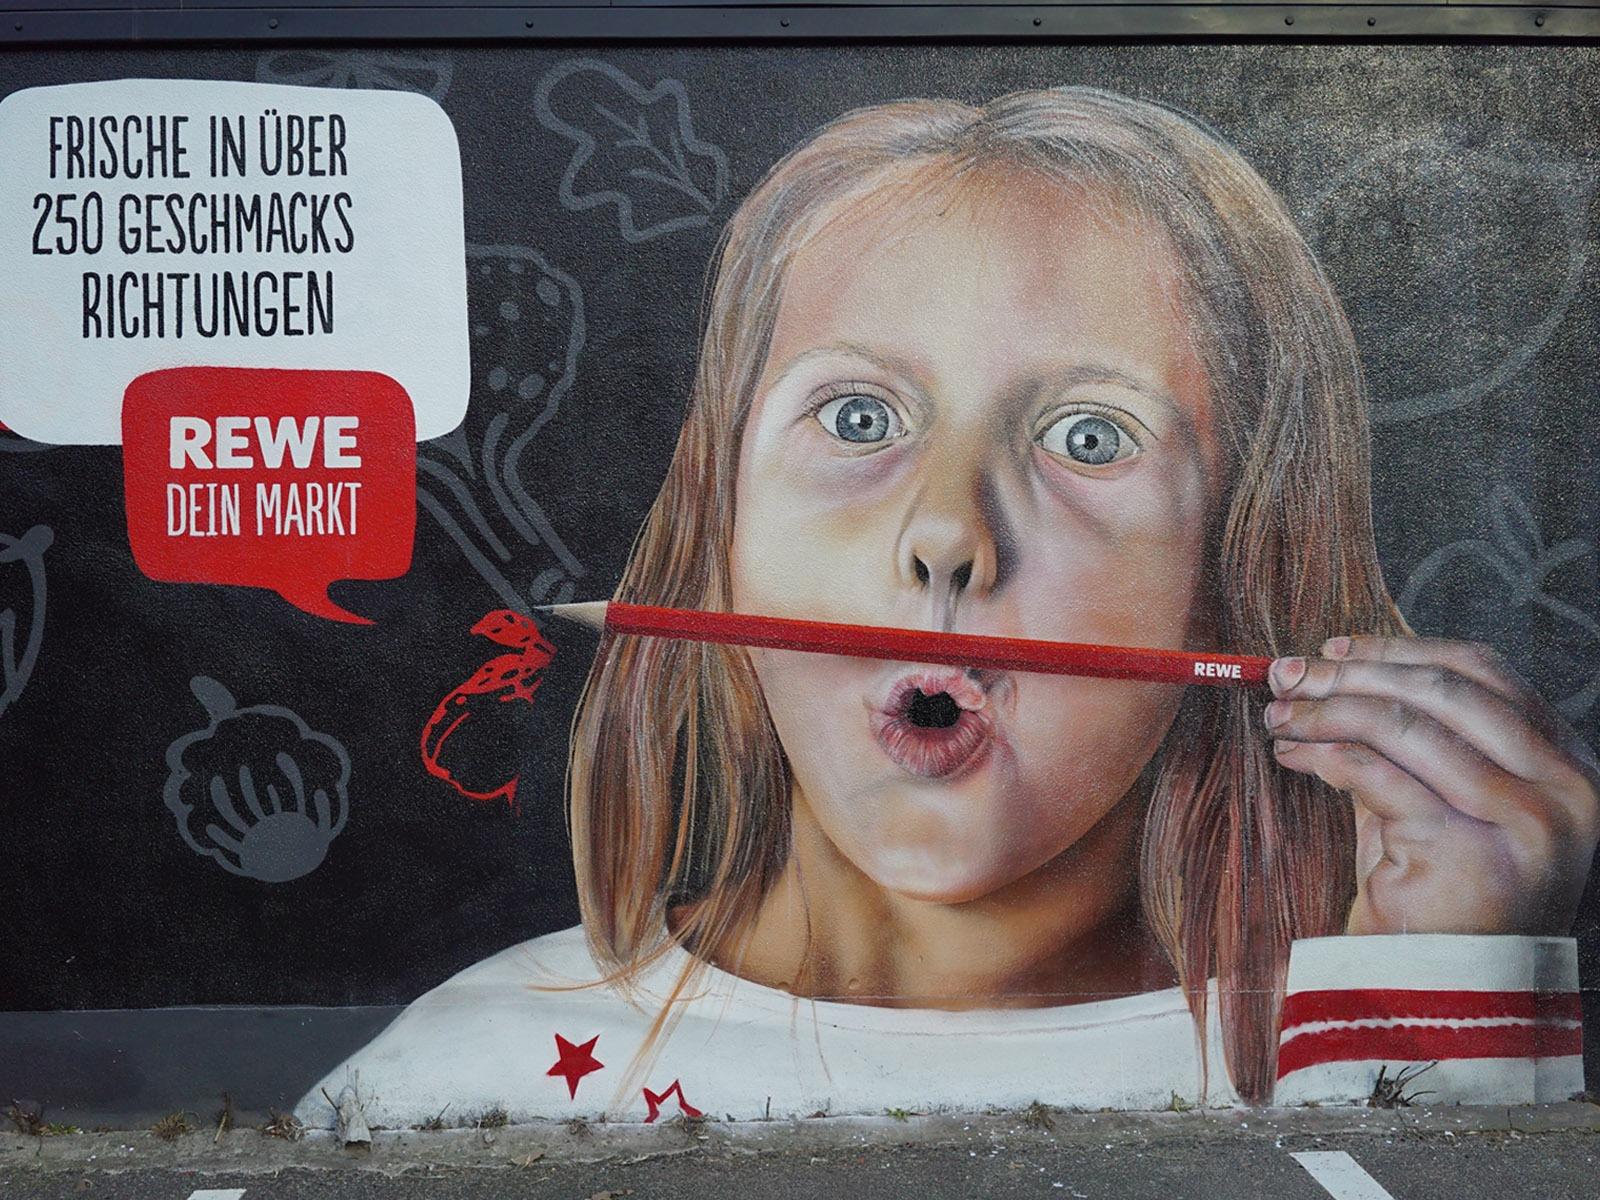 graffitiauftrag-graffitikuenstler-artmos4-rewe-skyline-obst-gesicht-schrift-wappen-aussen-schwarz-bunt-fotorealistisch-illustrativ-handel